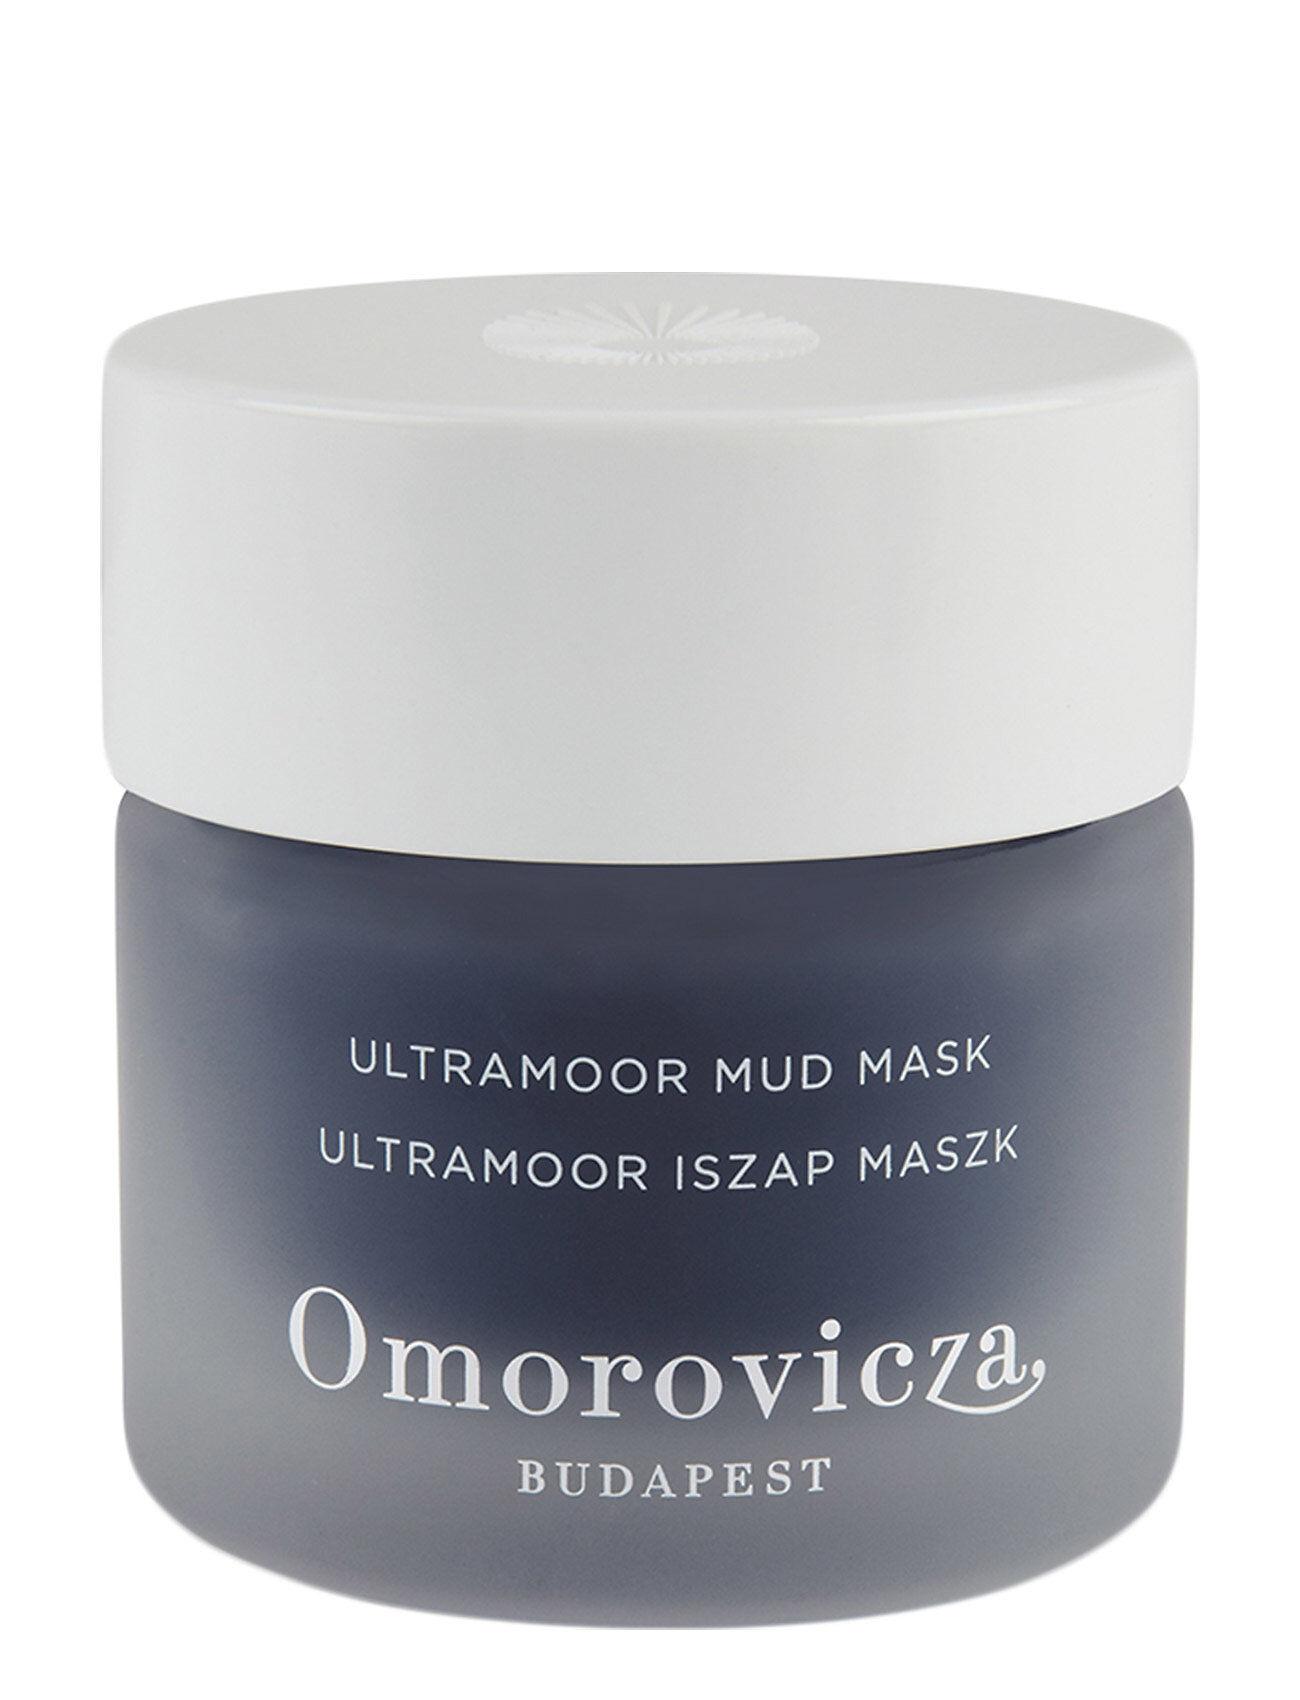 Omorovicza Omo Moor Mud Ultramoor Mud Mask